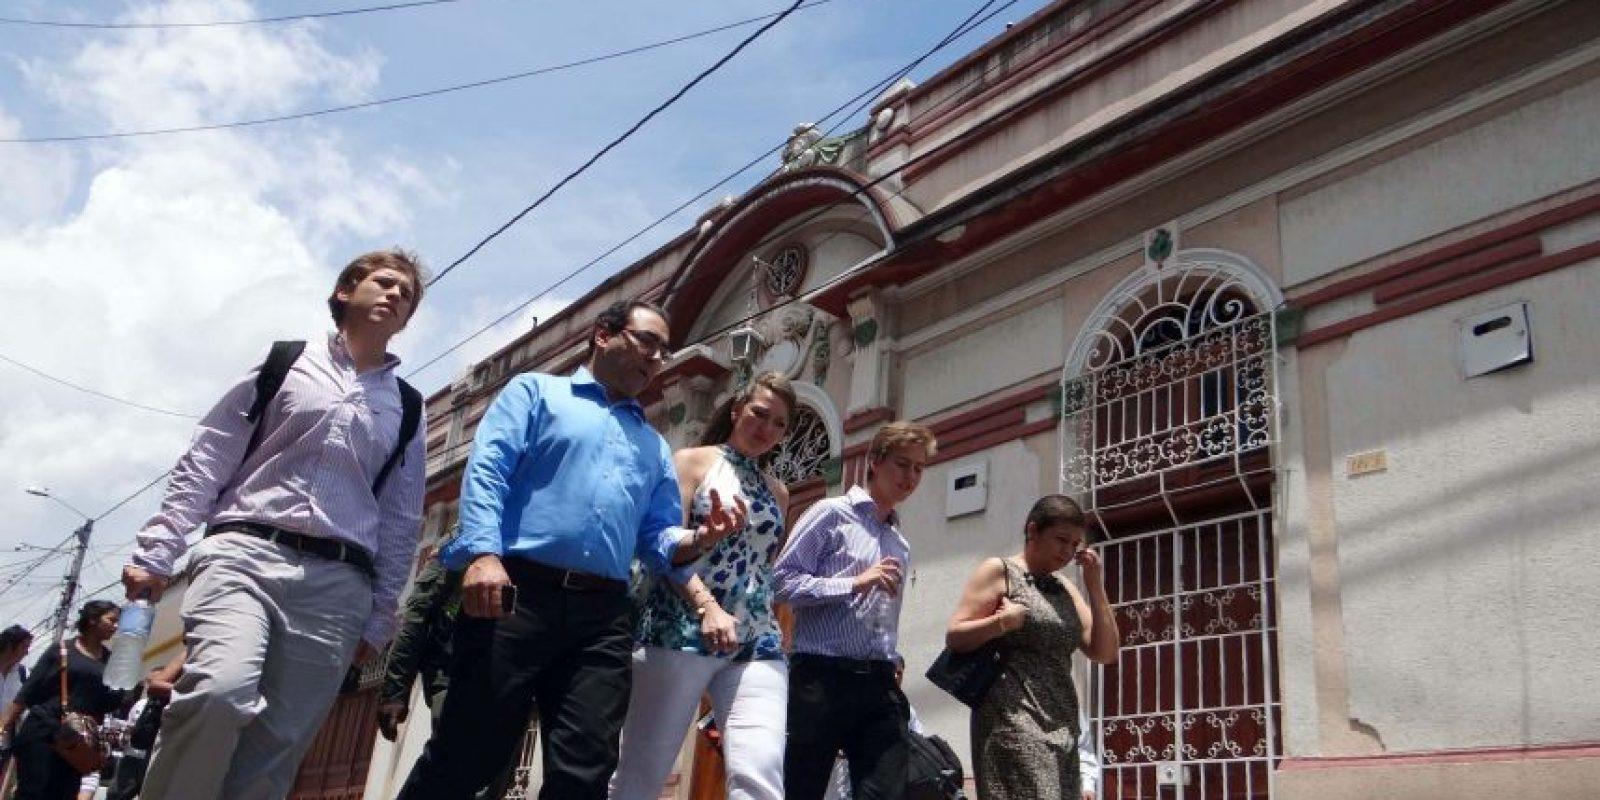 El ministro de Comercio, Industria y Turismo, Sergio Díaz -Granados y la presidenta de Anato, Paula Cortés Calle caminando por las calles de Buga. Foto: Diego Hernán Pérez S. /PUBLIMETRO